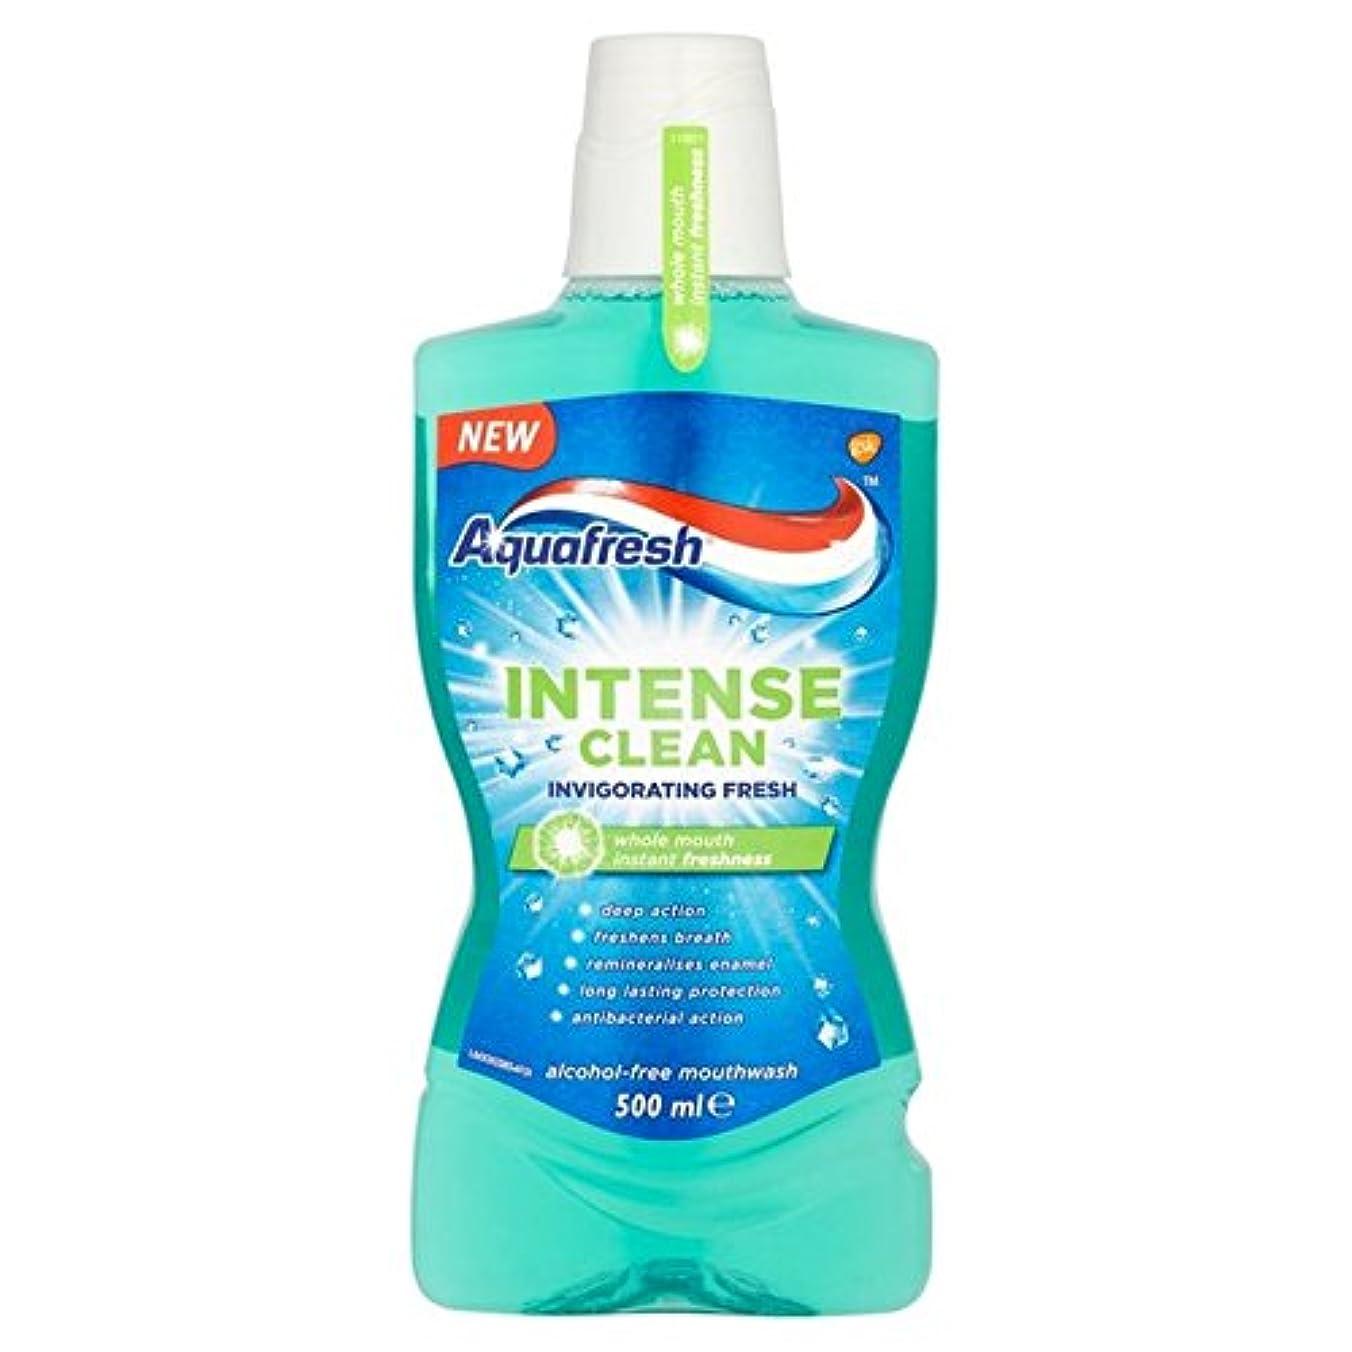 消費する市町村舗装するAquafresh Intense Clean Invigorating Wash 500ml - アクアフレッシュ強烈なきれいな爽快ウォッシュ500ミリリットル [並行輸入品]